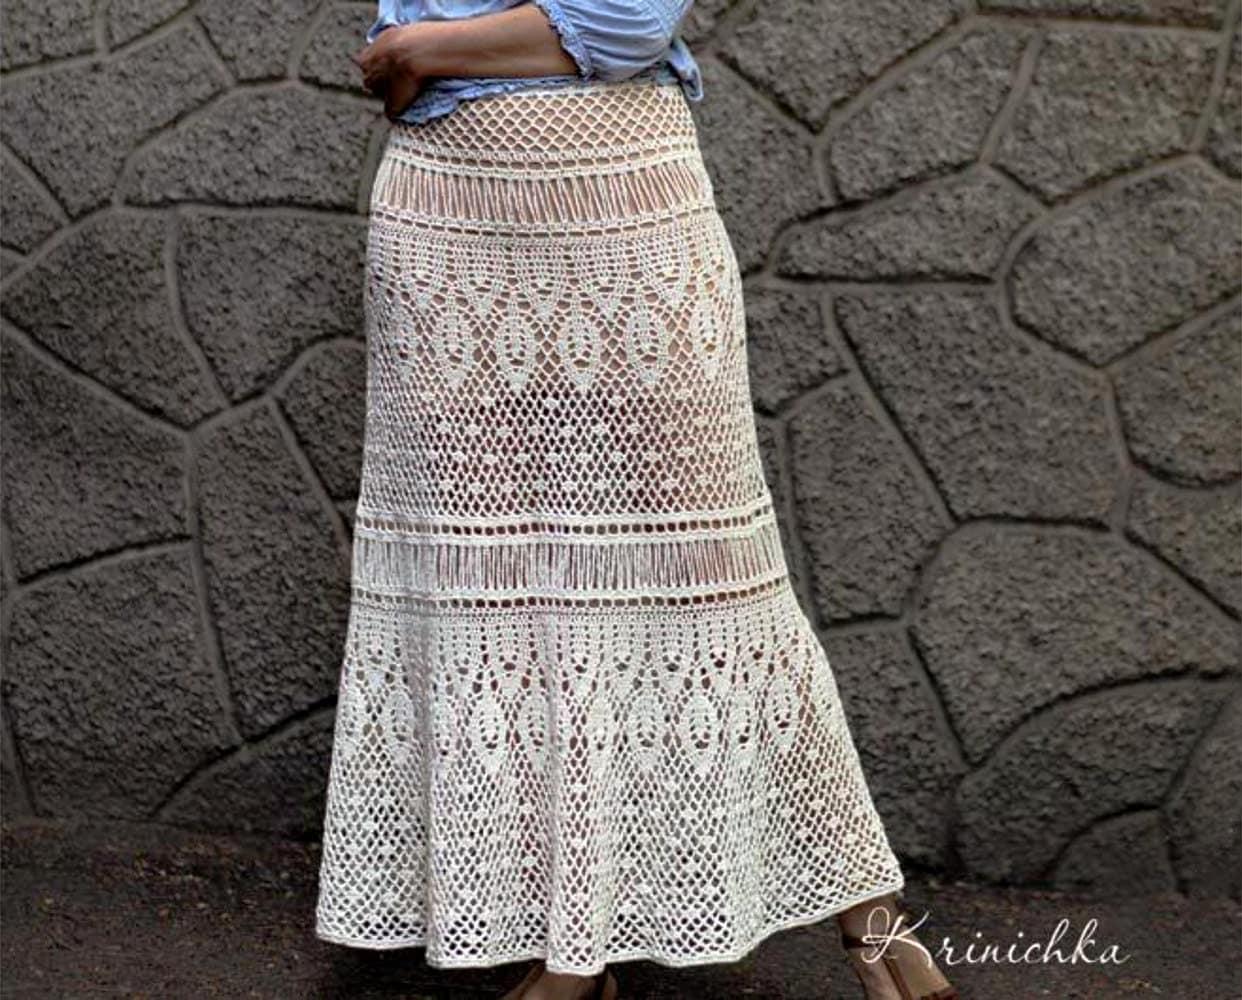 Free Download Crochet Skirt Pattern : Crochet maxi skirt PATTERN for sizes S-5XL Boho crochet skirt